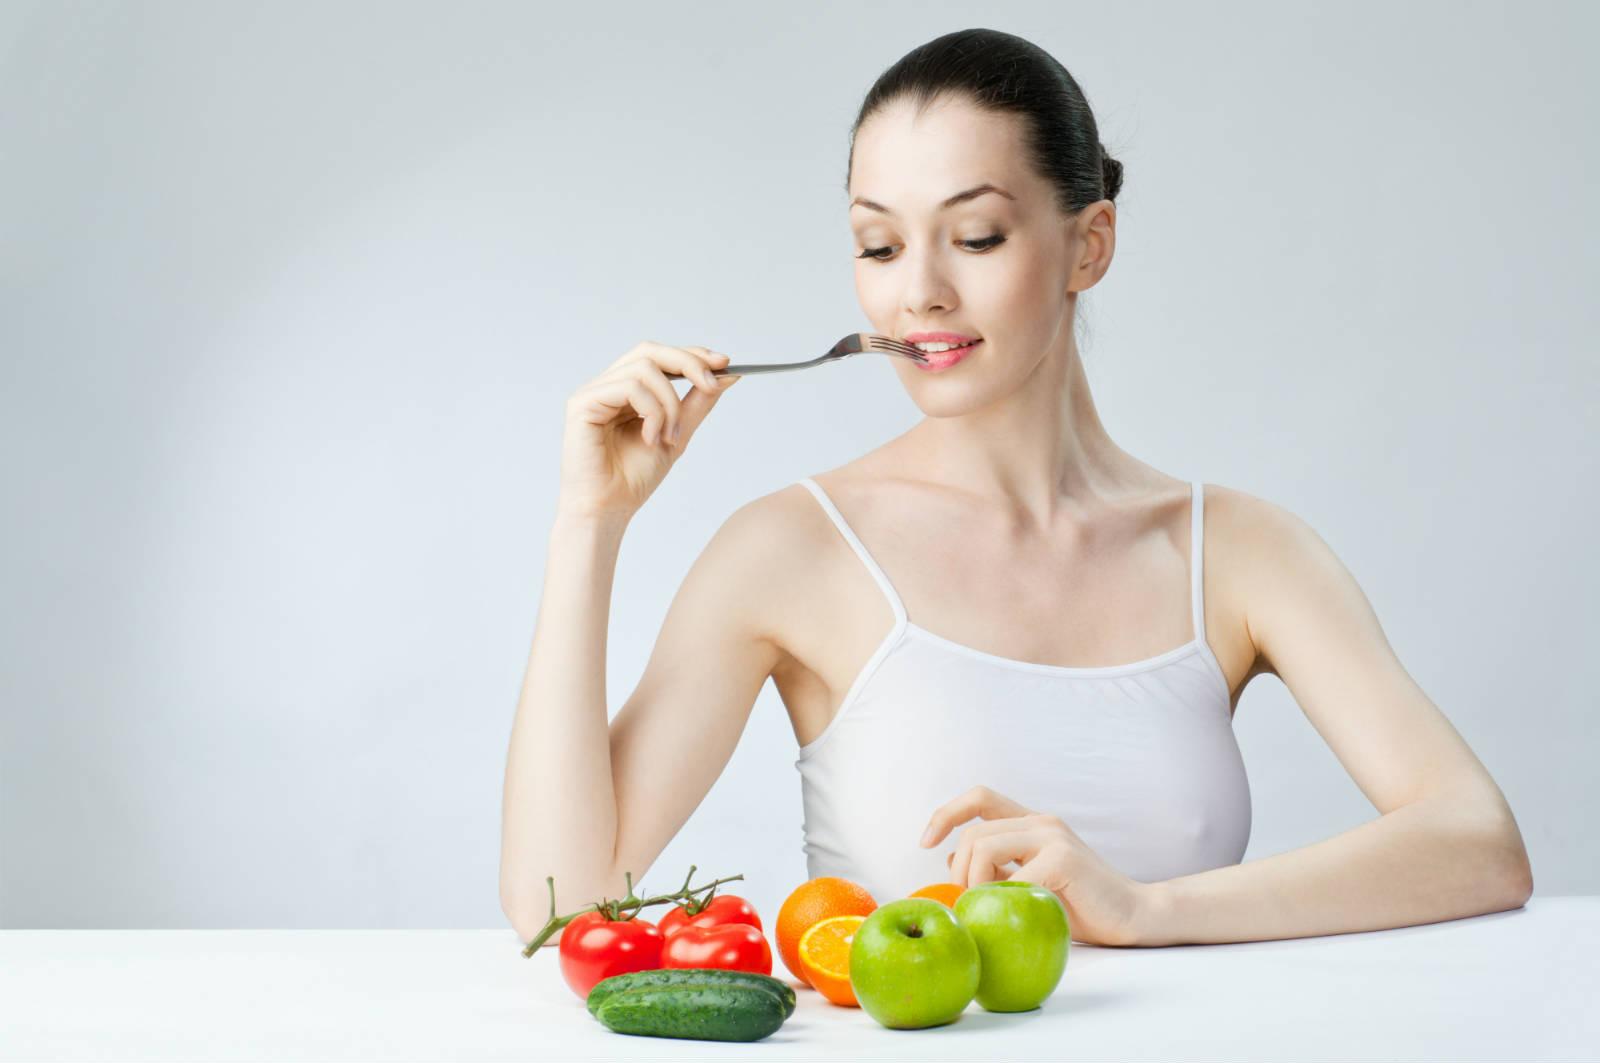 Sei ossessionata dalle diete? [TEST]